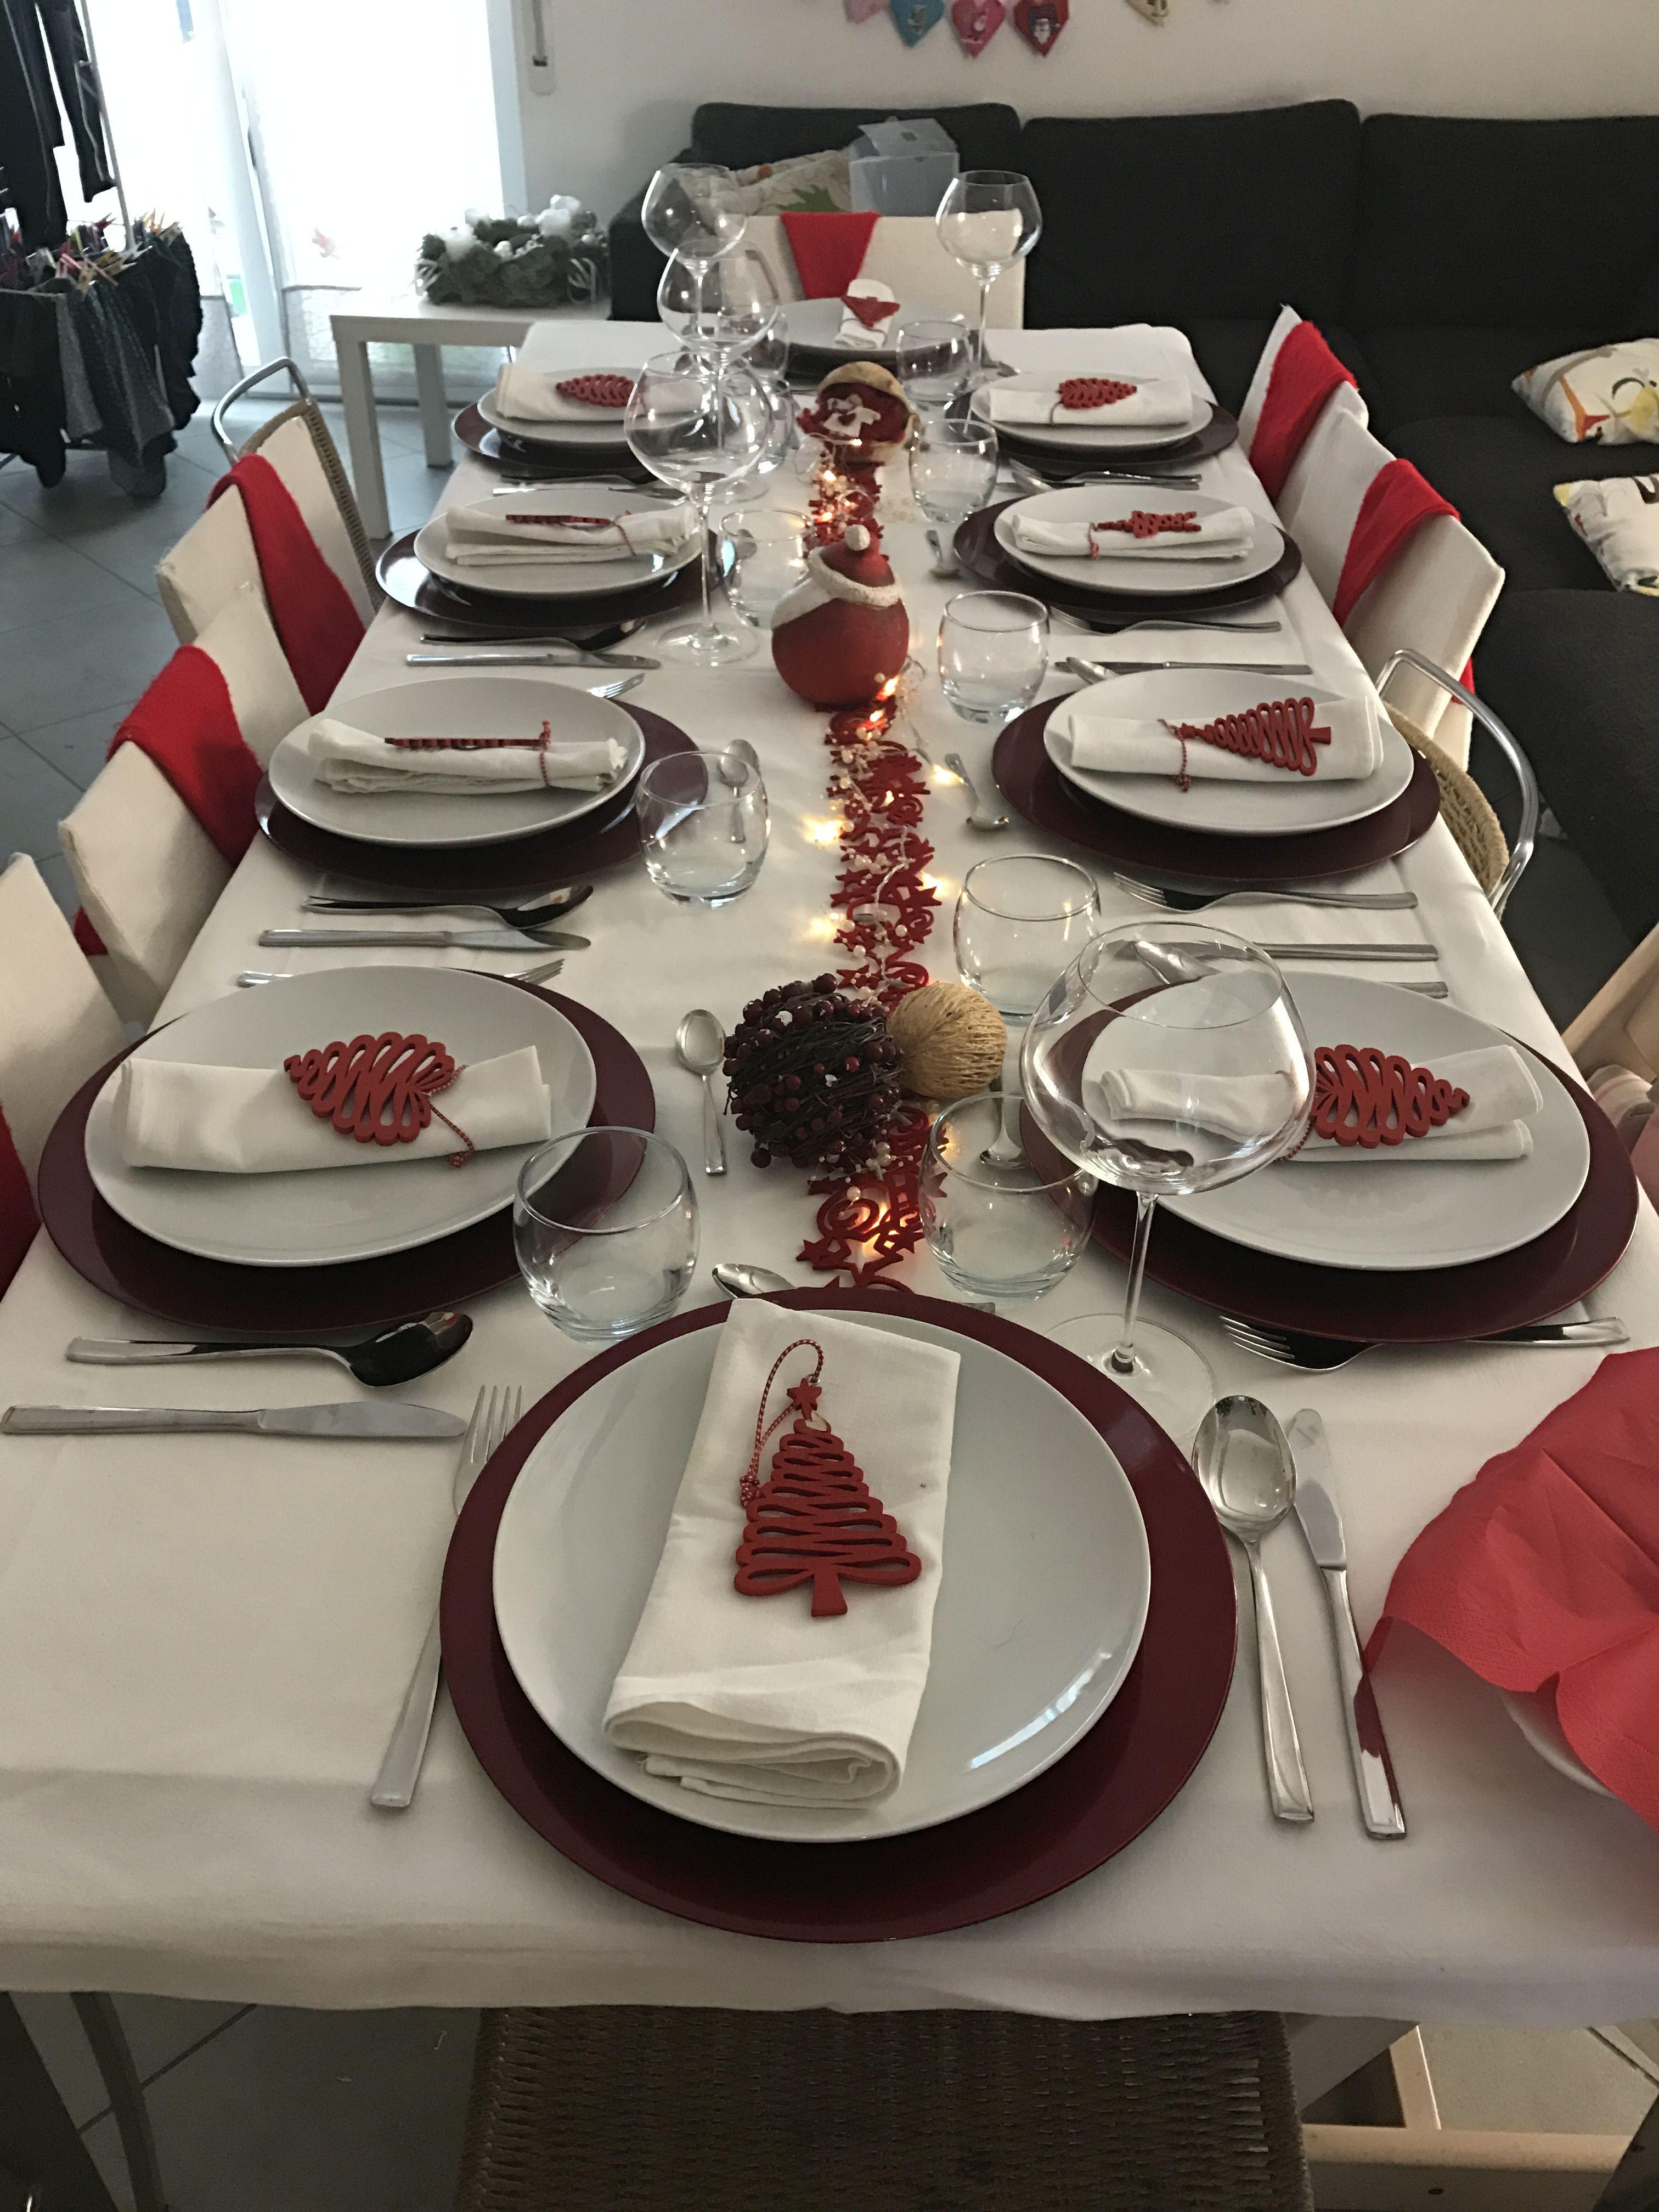 Pin De Anabel Chocobar En Decorazioni Tavola Arreglos De Mesa De Navidad Decoración De Mesas Navideñas Mesas De Cena De Navidad